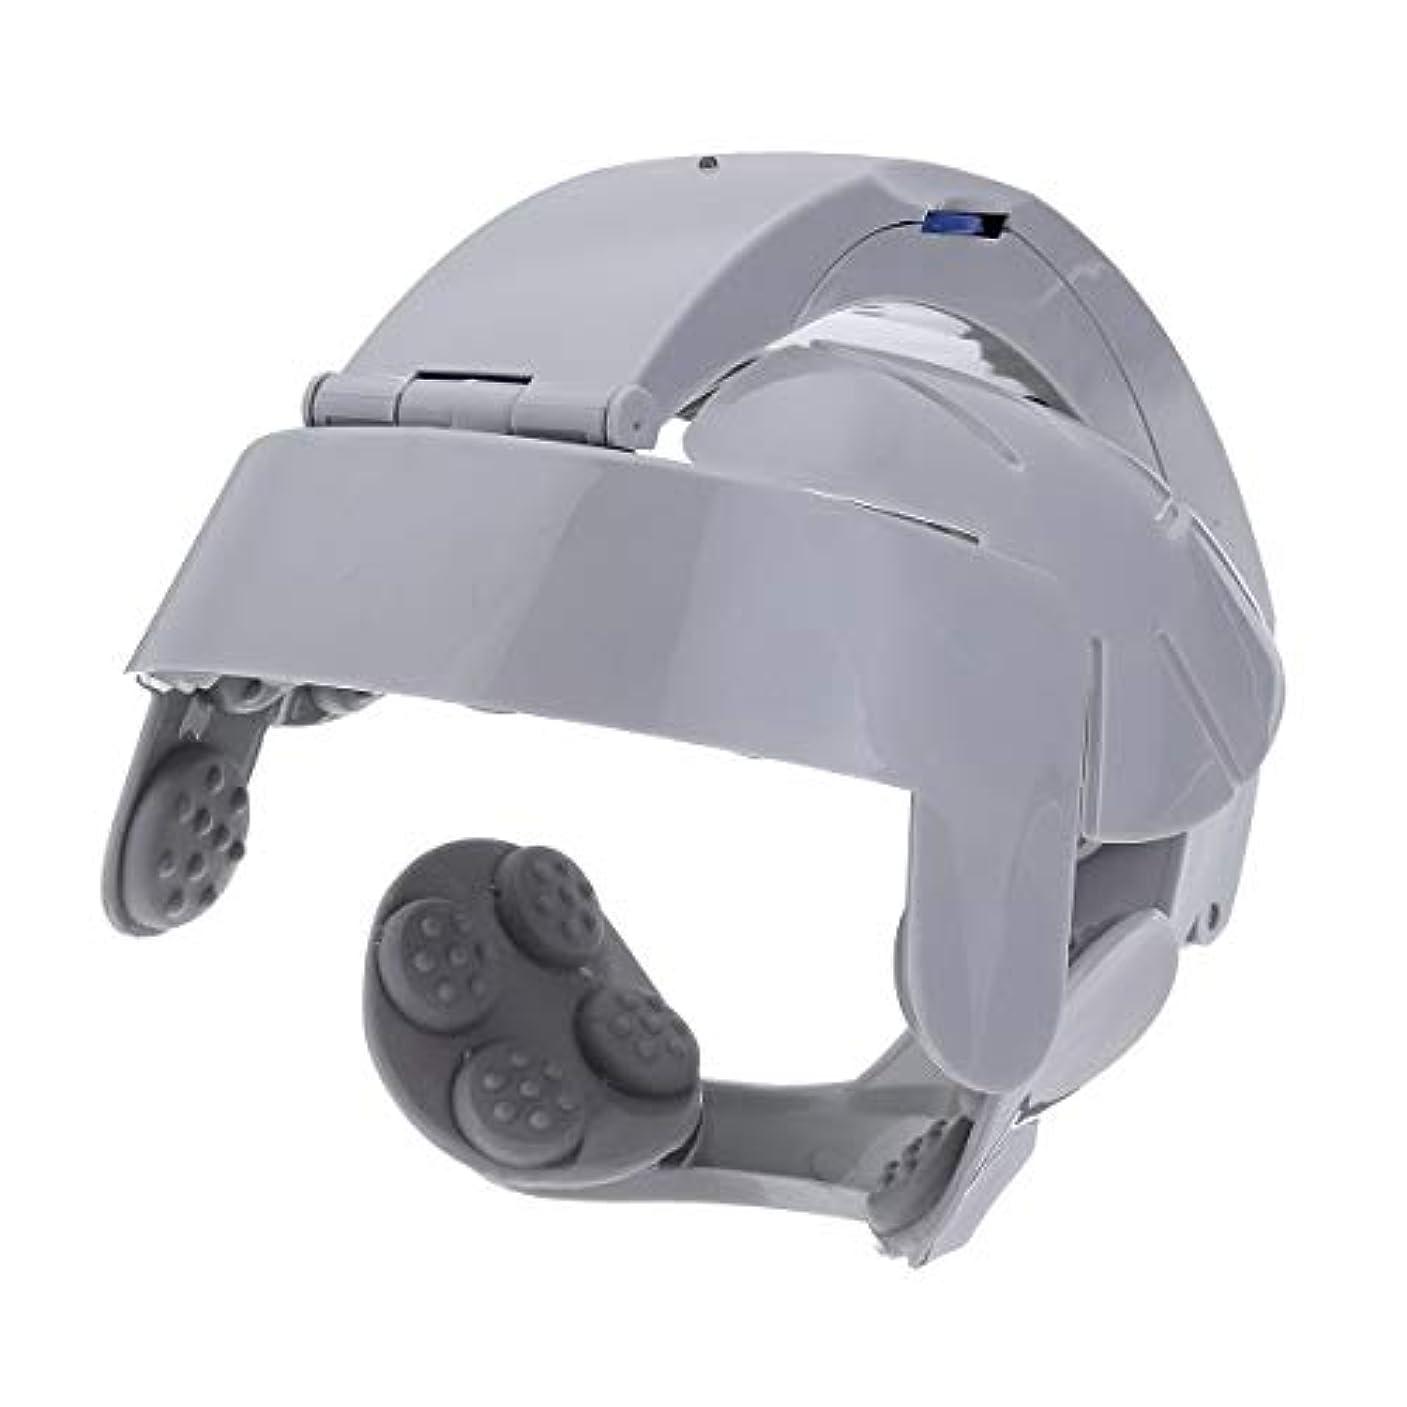 ヒューズくちばし統計ヘッド振動マッサージ電動ヘッドマッサージリラックス脳経穴ストレス解放マシンポータブルのためのホーム使用